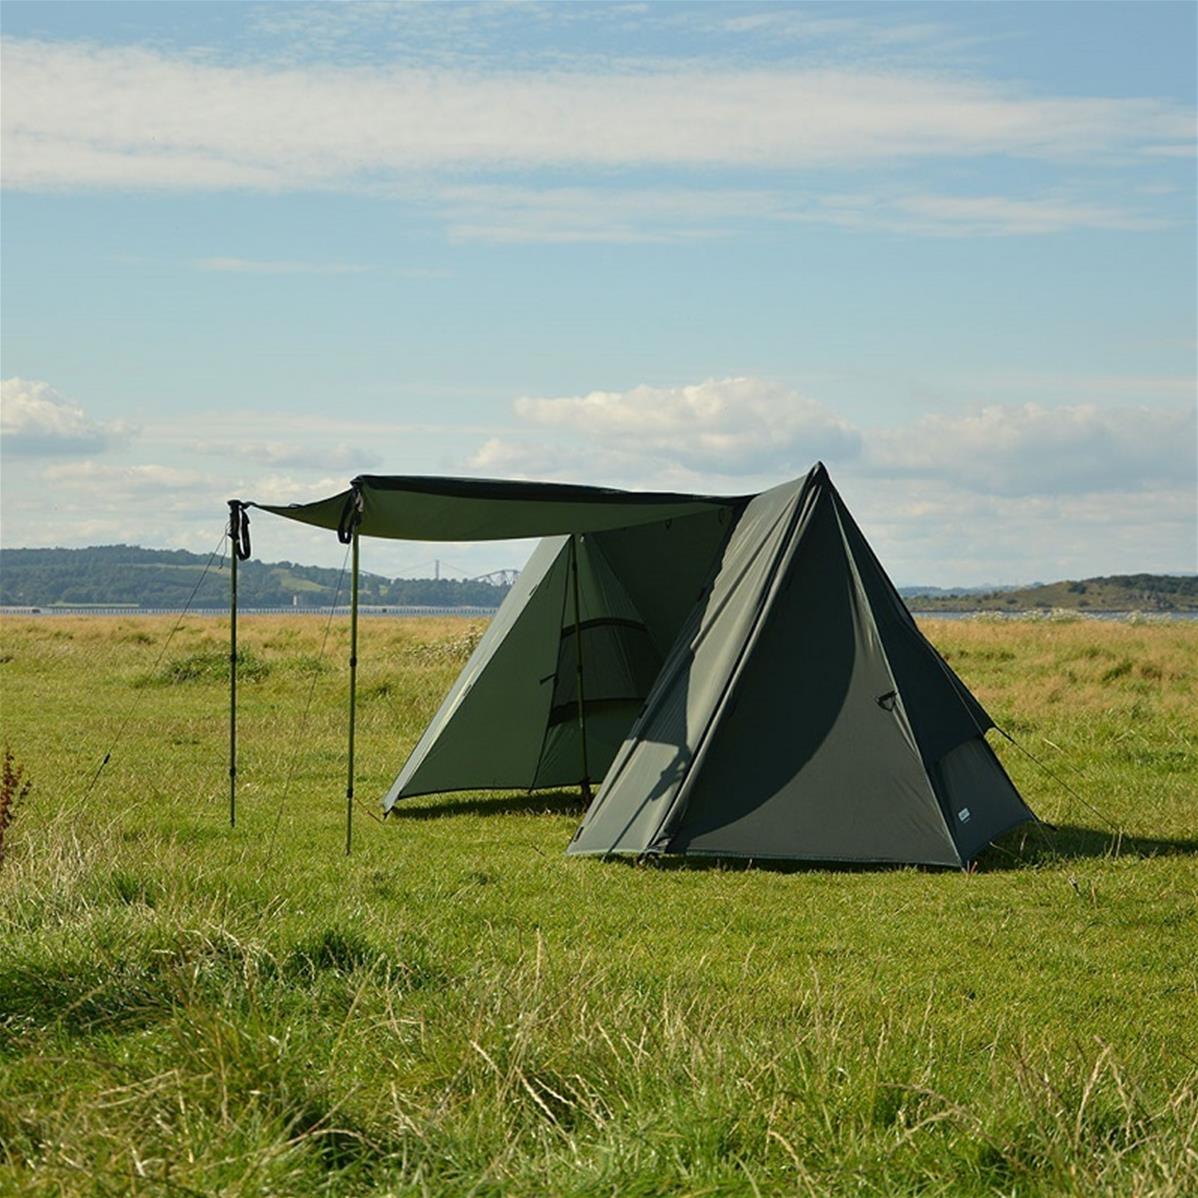 DD Hammocks Superlight A-Frame Tent & DD Hammocks Superlight A-Frame Tent | Tamarack Outdoors